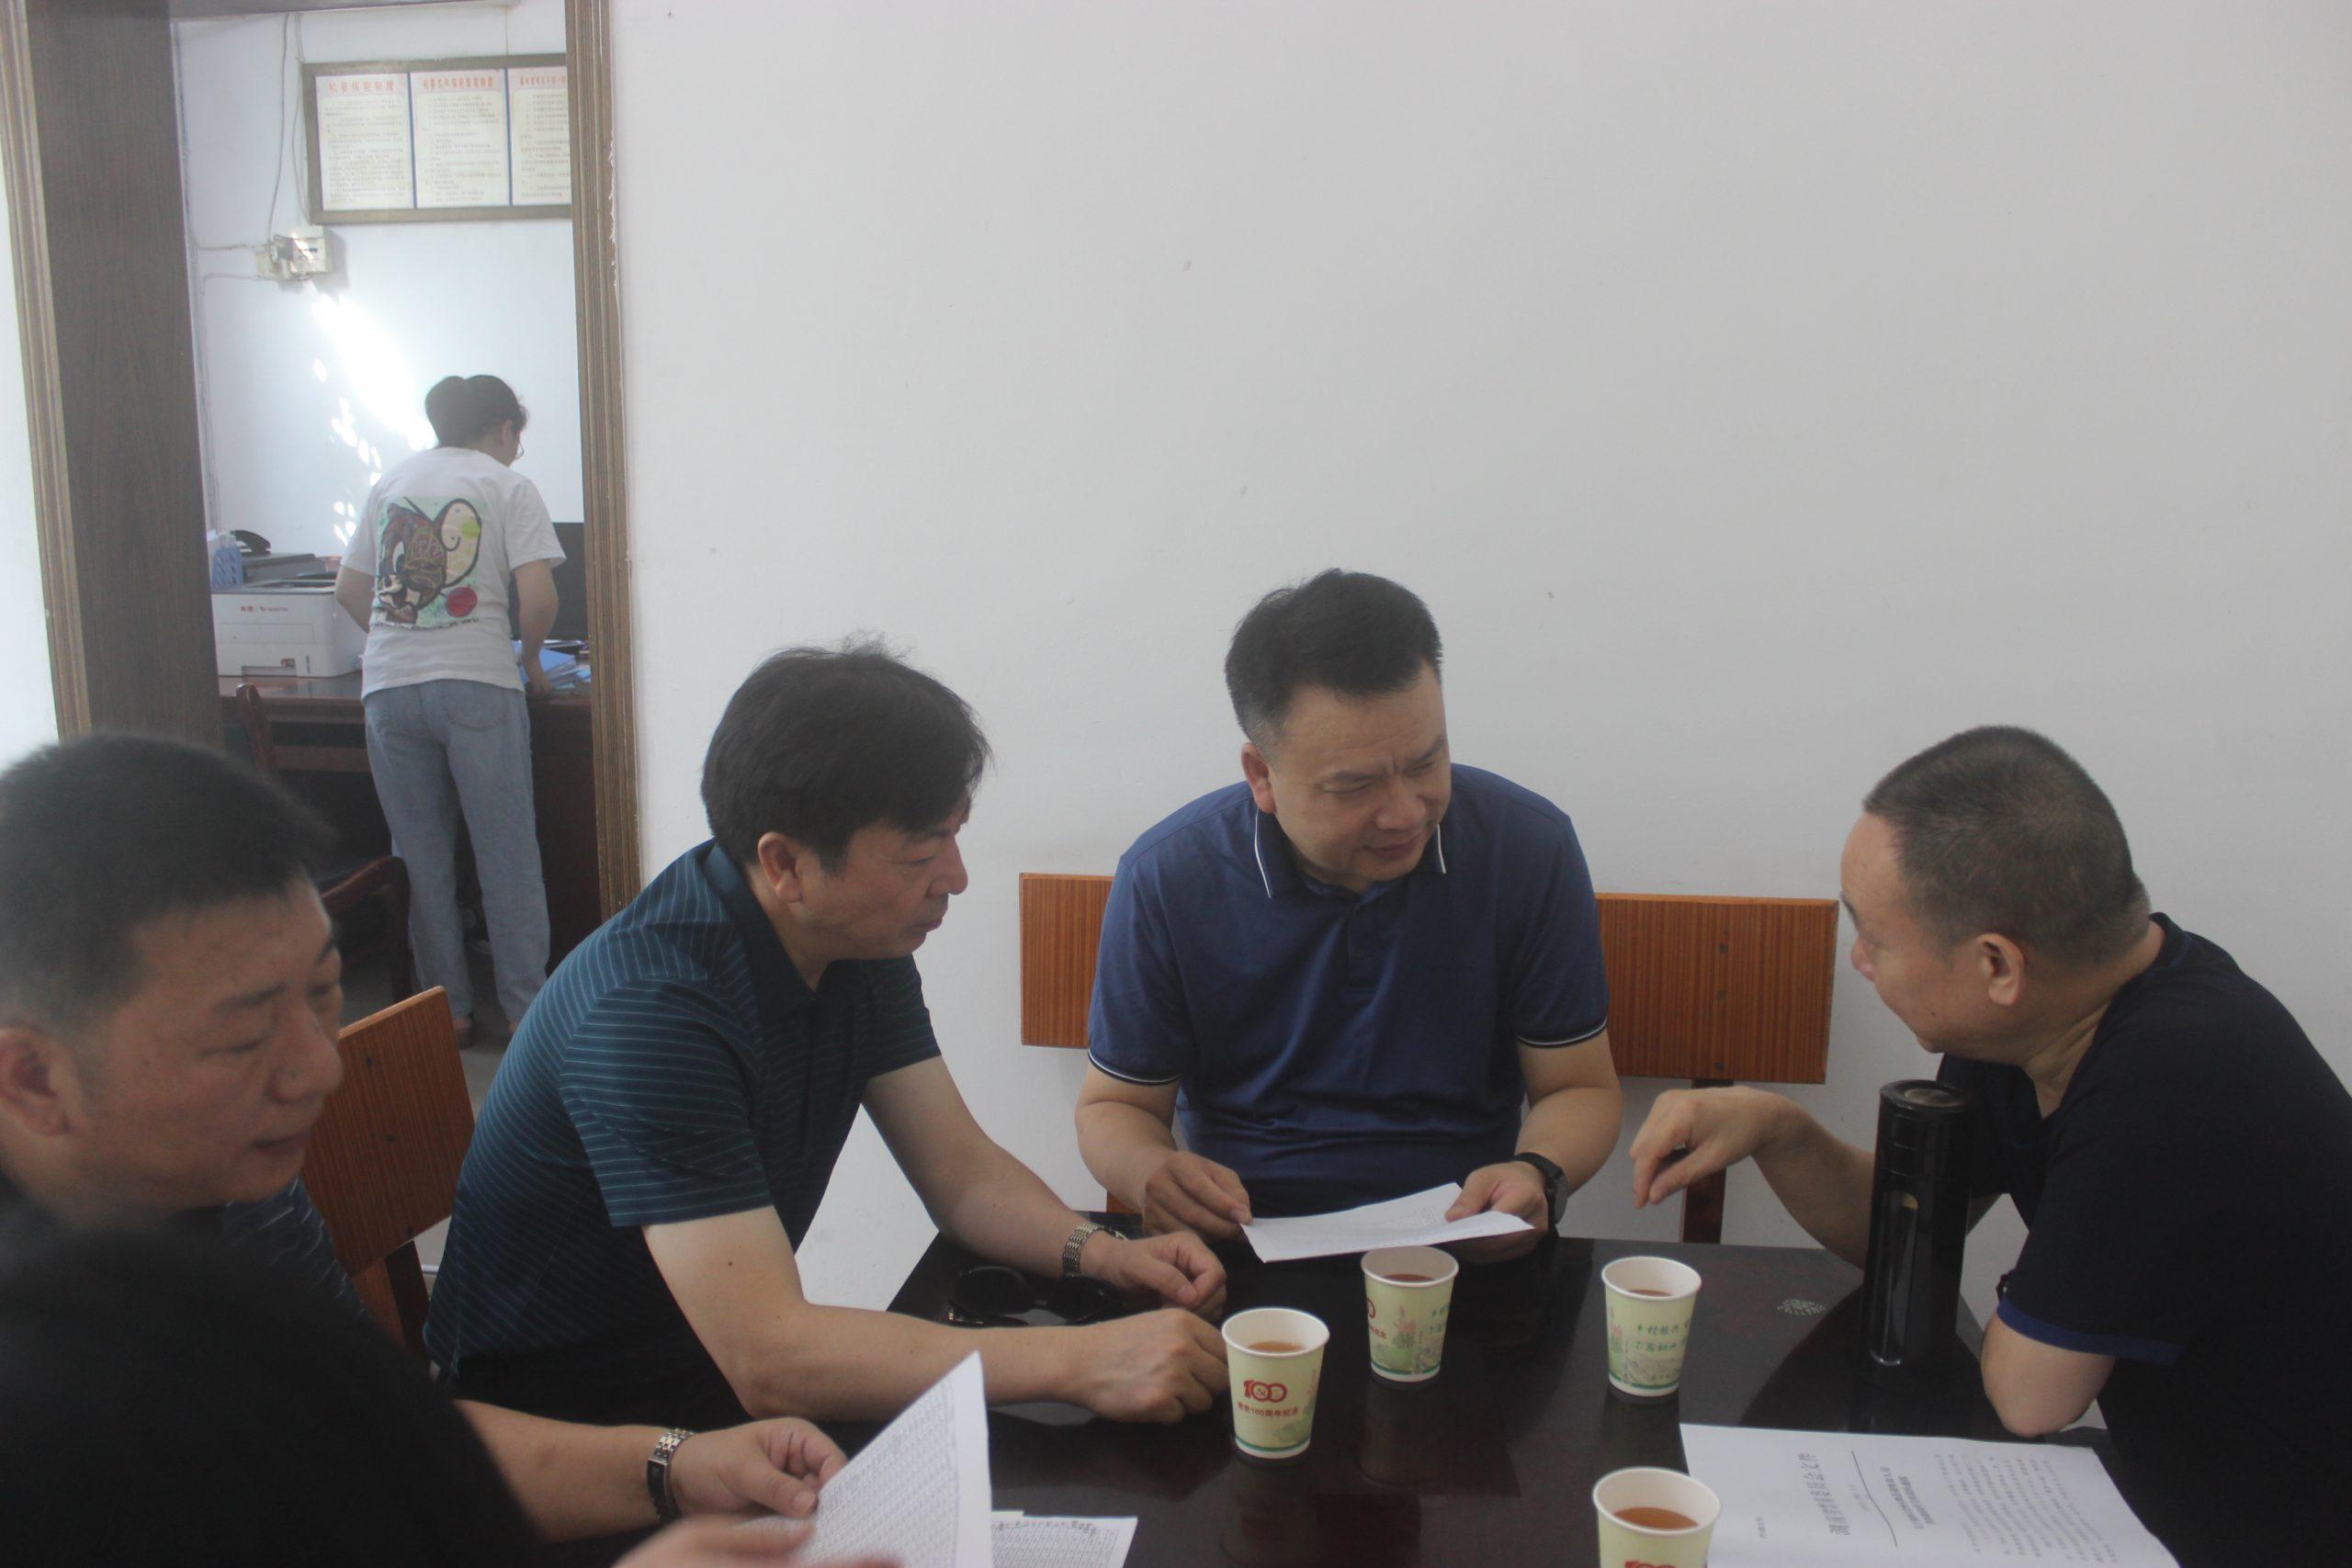 湖南省新化县将禁毒工作纳入全县重点工作一月一讲评,县禁毒办对重点乡镇迅速启动提醒机制